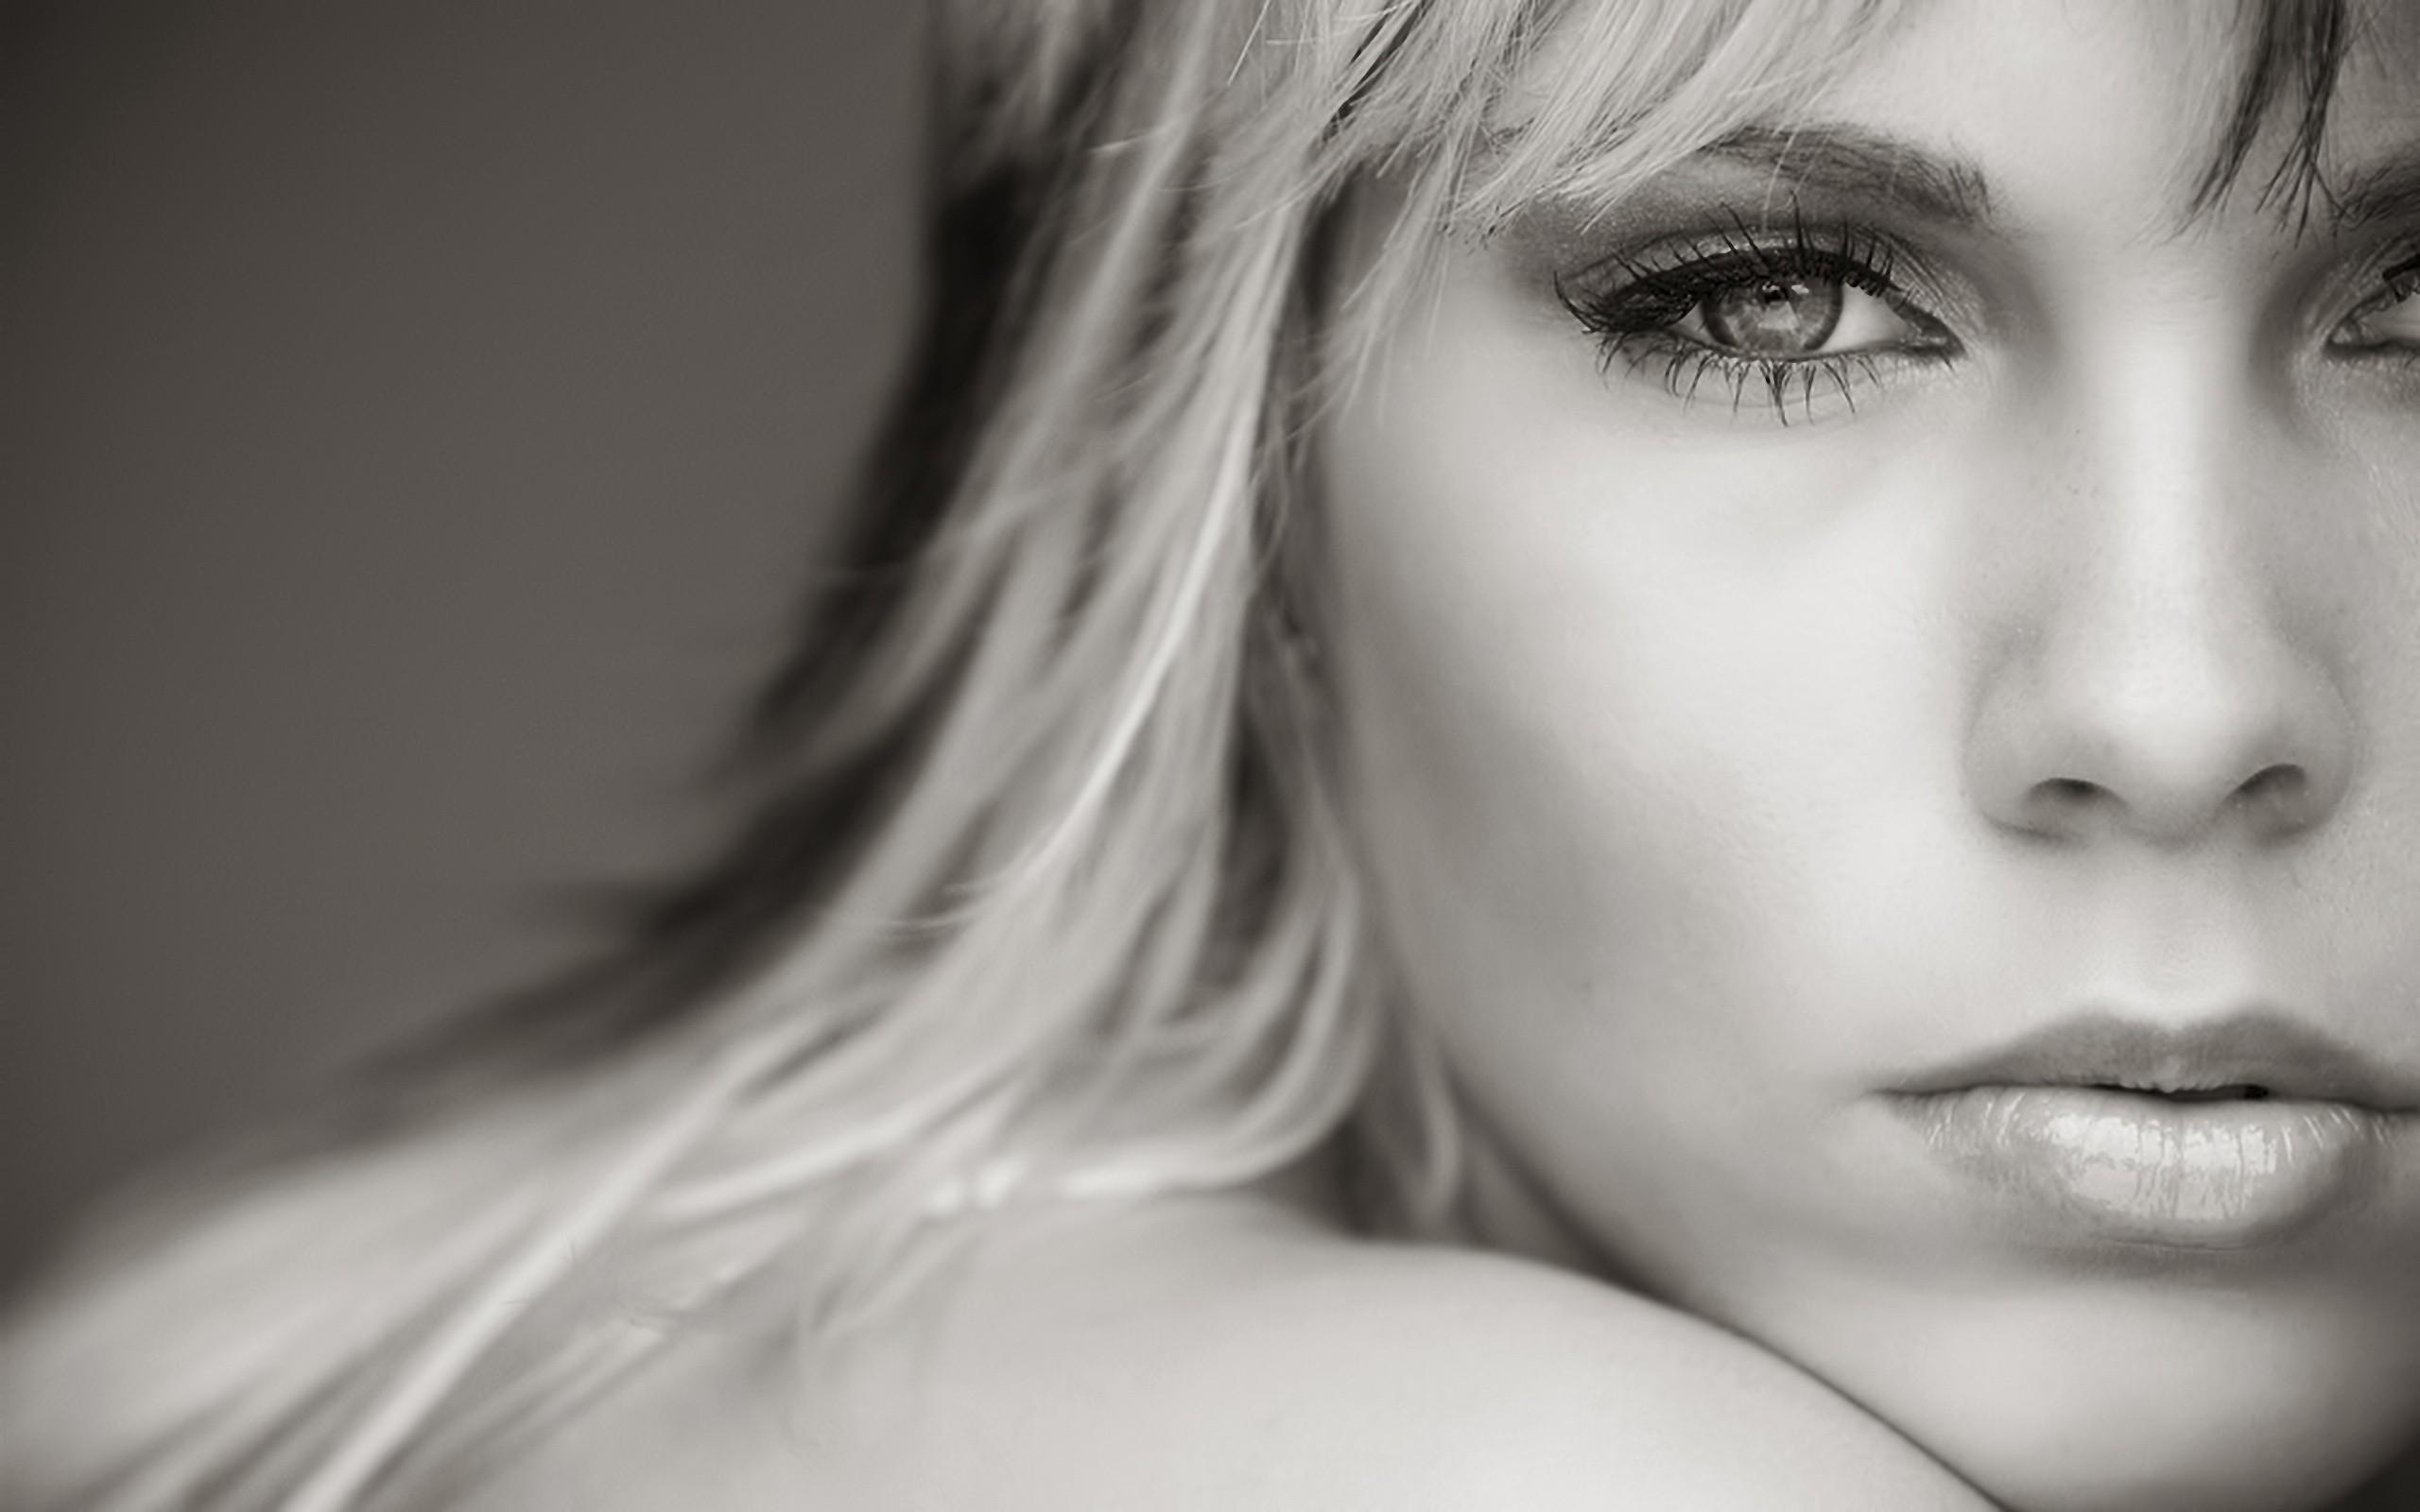 Черно белые фотографии блондинок 21 фотография